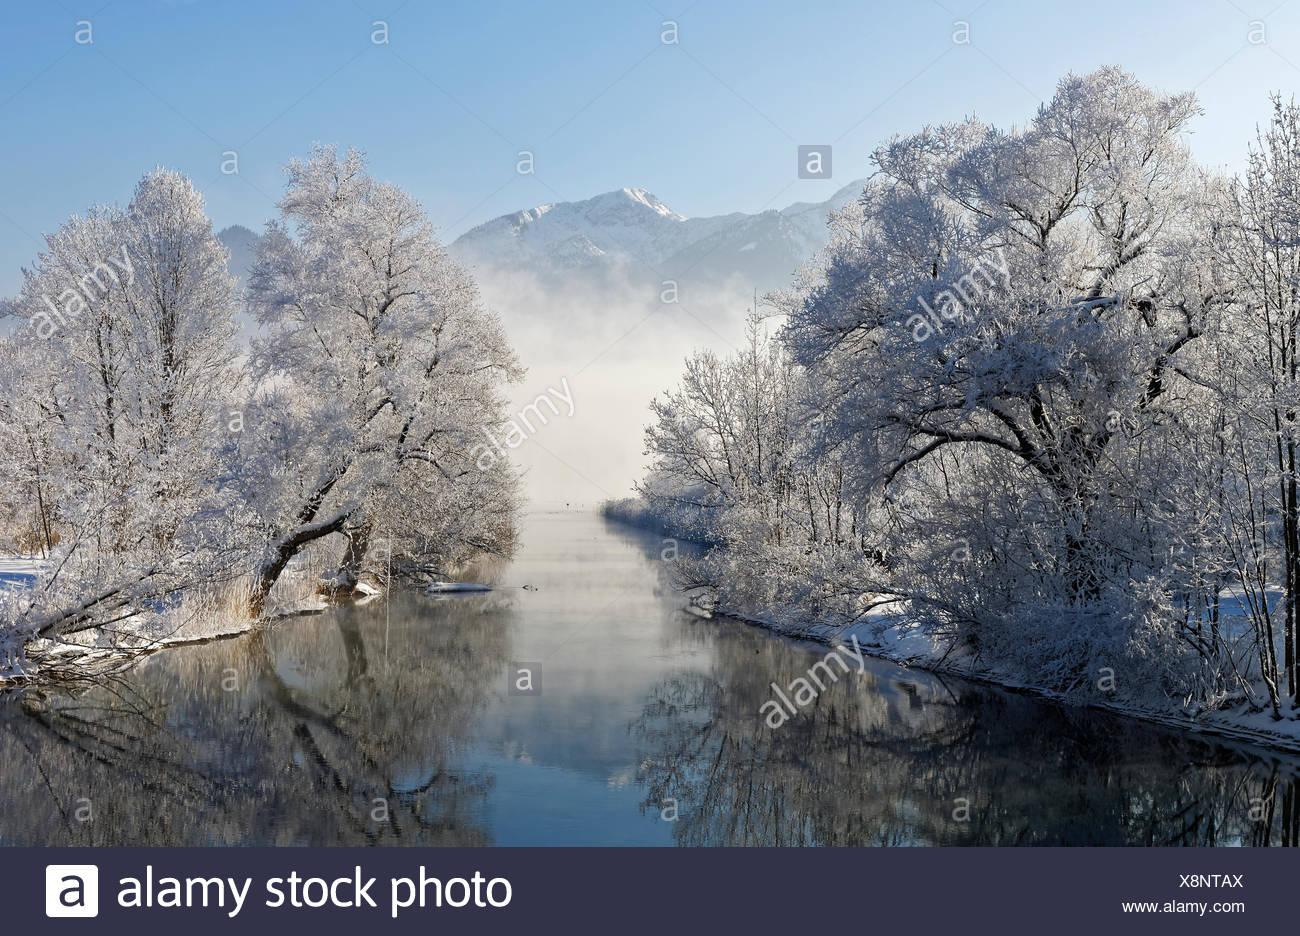 Wintermorgen an der Loisach bei Kochel, BŠume mit Raureif, hinten Herzogstand, Kochel am See, Loisachtal, Oberbayern, Bayern, Deutschland, Europa Stock Photo